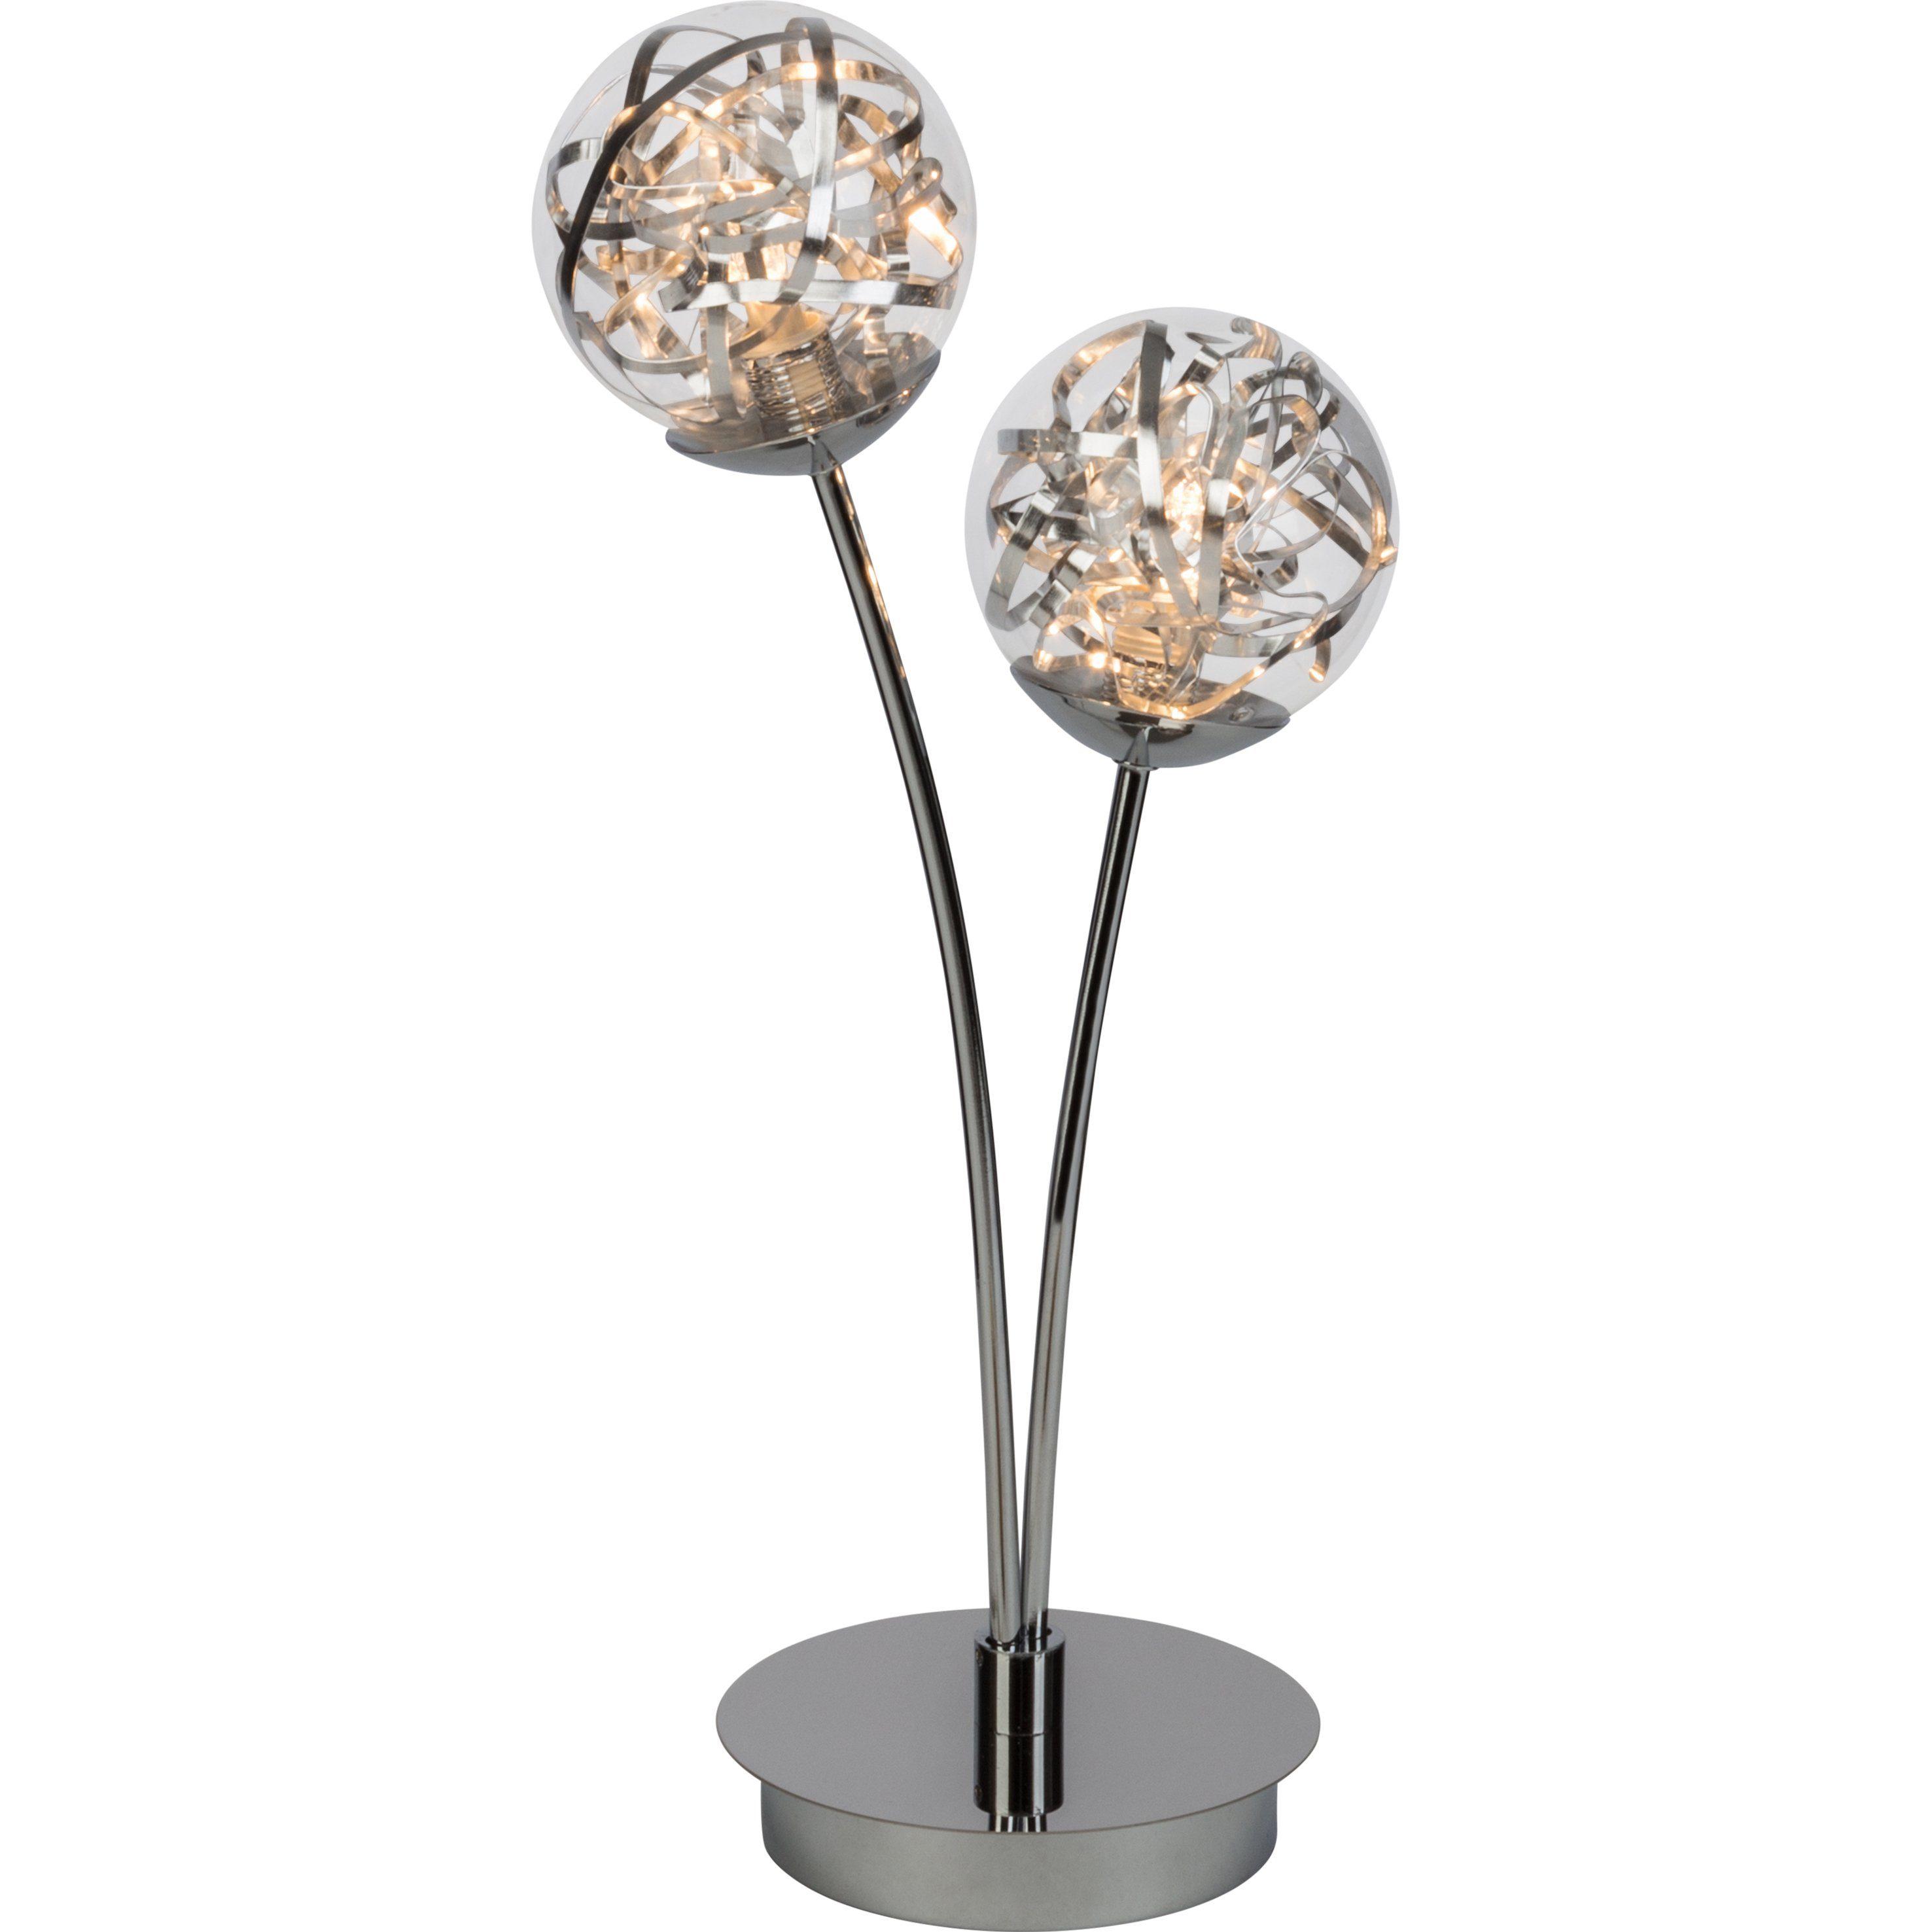 Brilliant Leuchten Cinta LED Tischleuchte, 2-flammig chrom